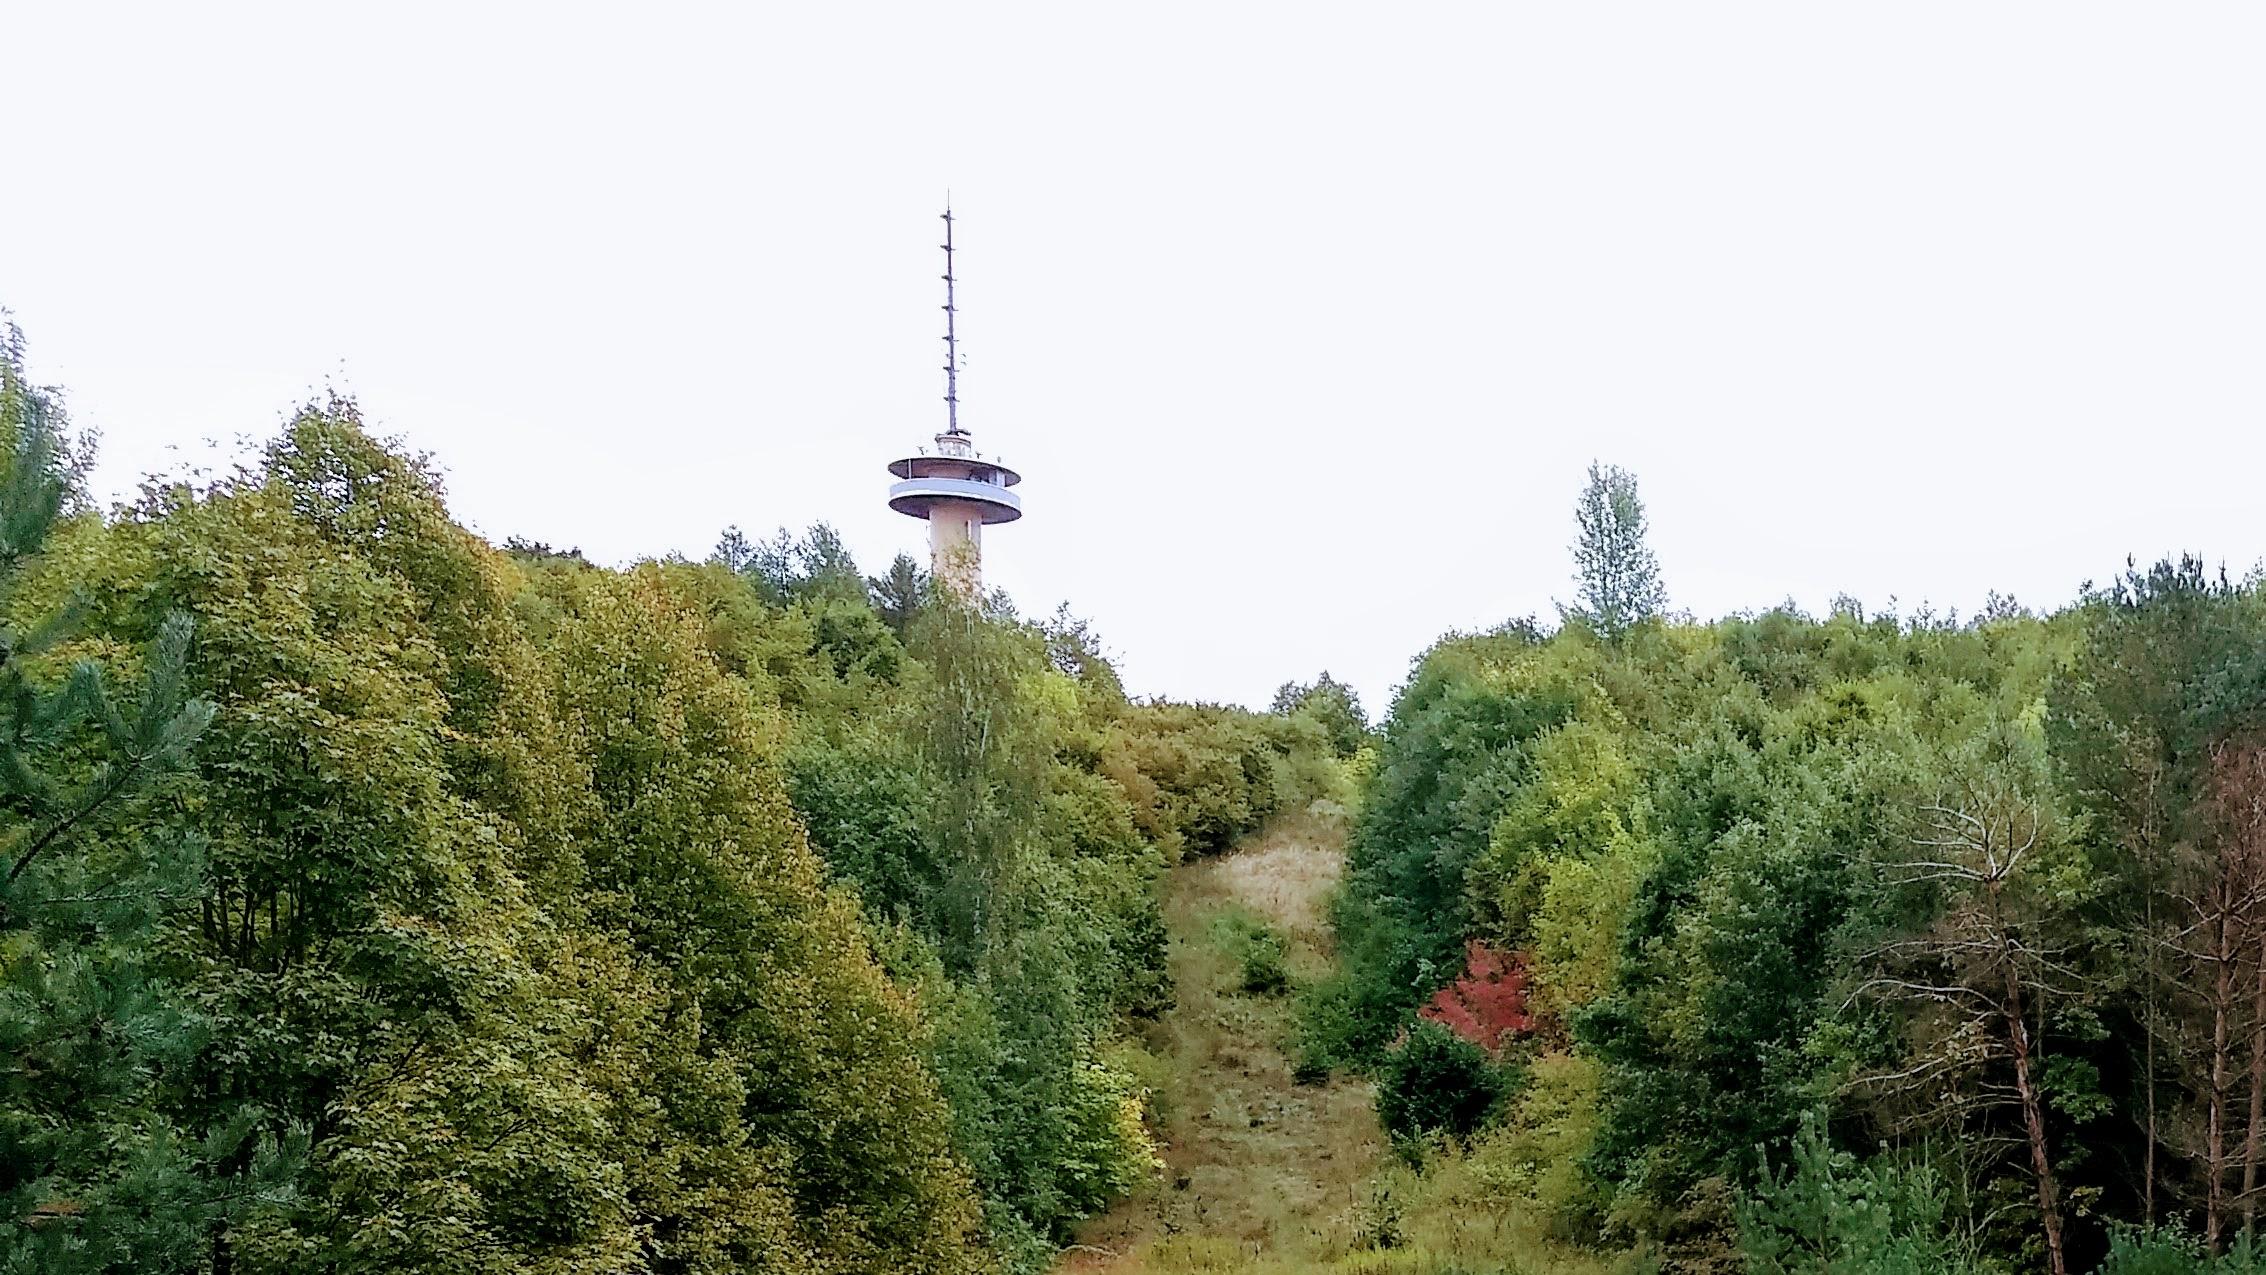 Der Seilrutschenpark am Hohen Hagen – ein Ausrutscher?